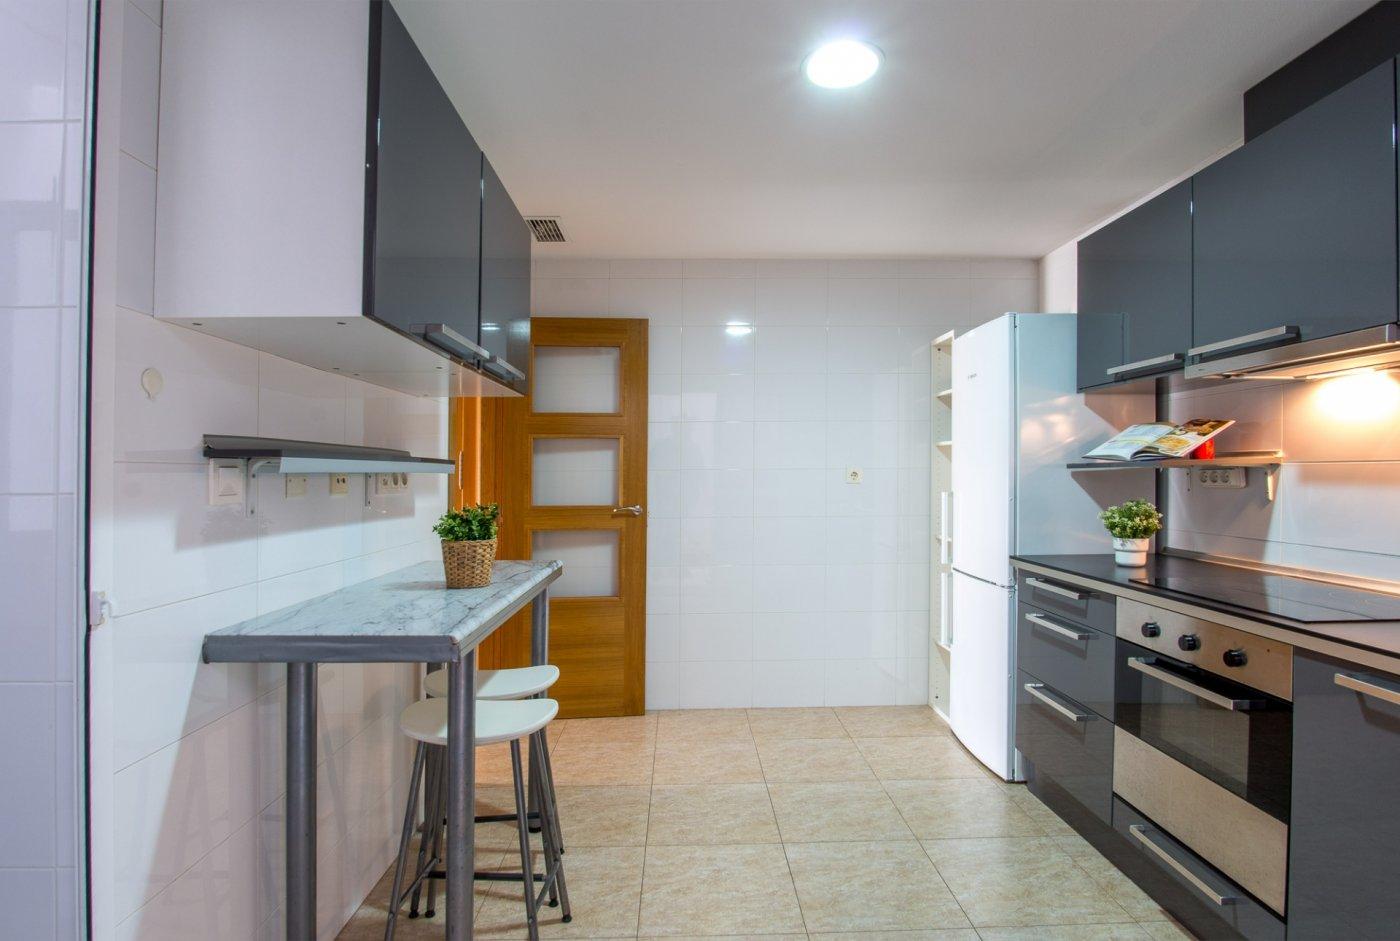 Magnífico piso en santiago el mayor - imagenInmueble13